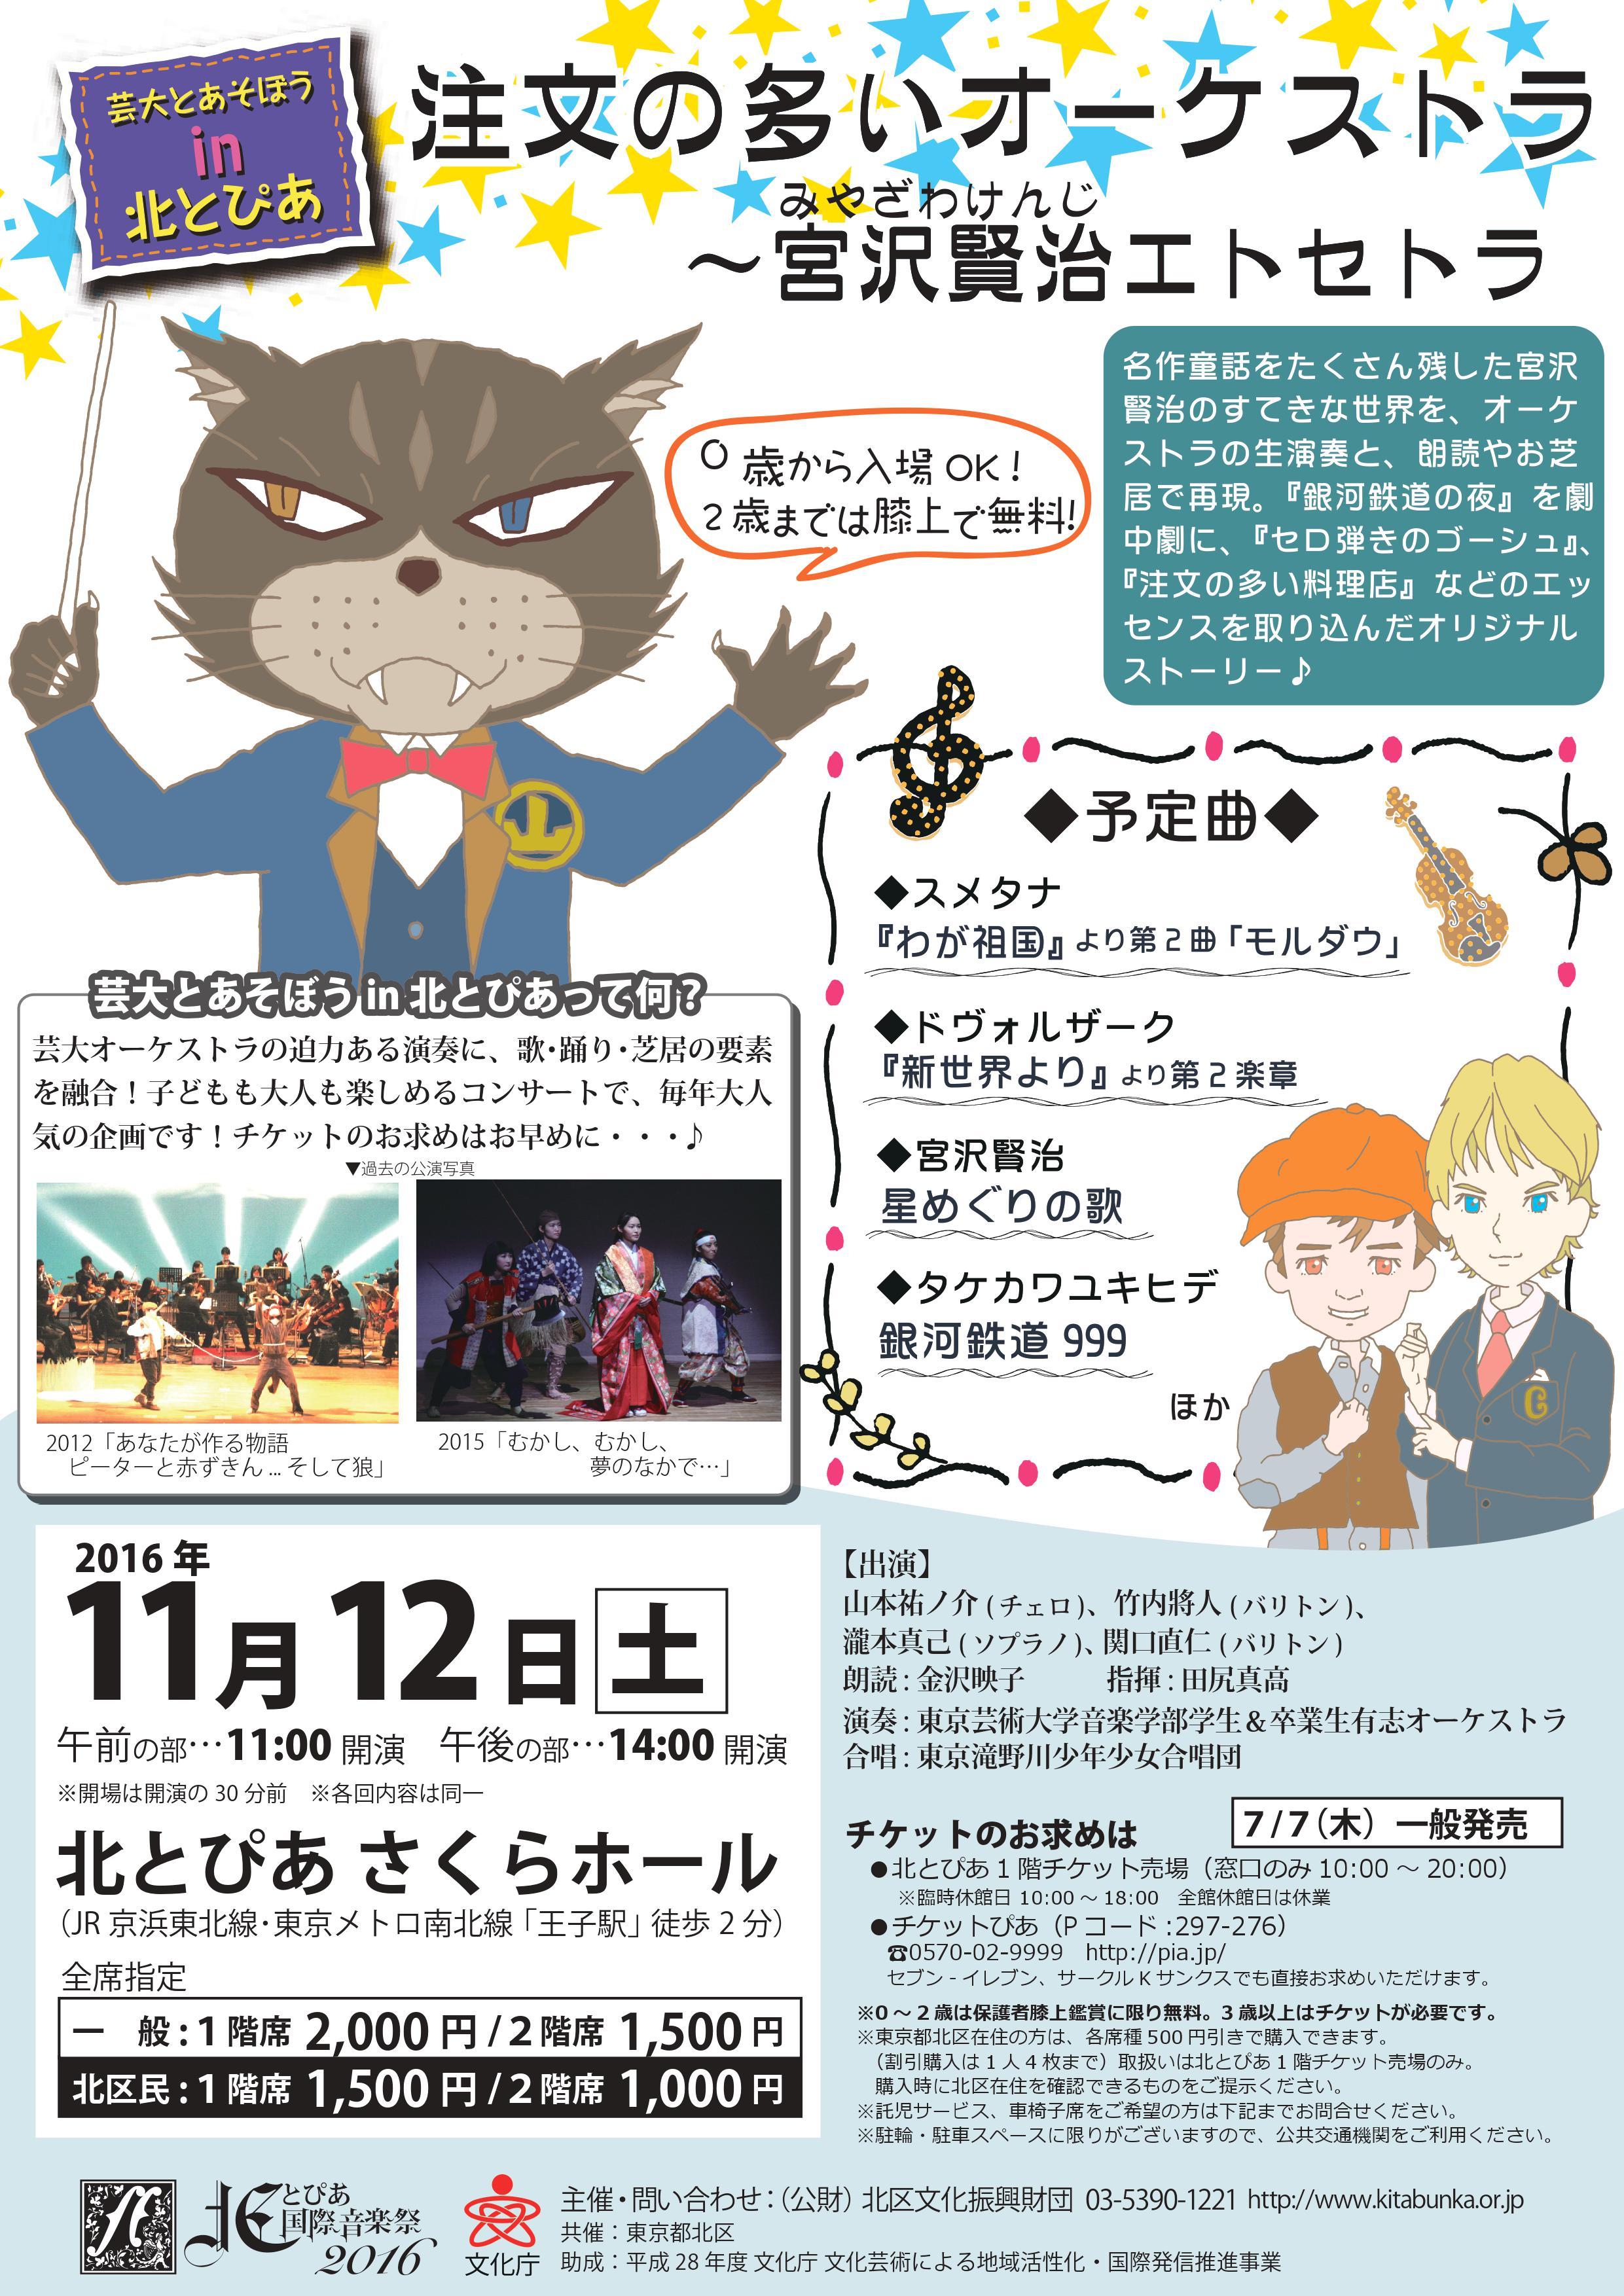 0歳からのコンサート 注文の多いオーケストラ~宮沢賢治エトセトラ